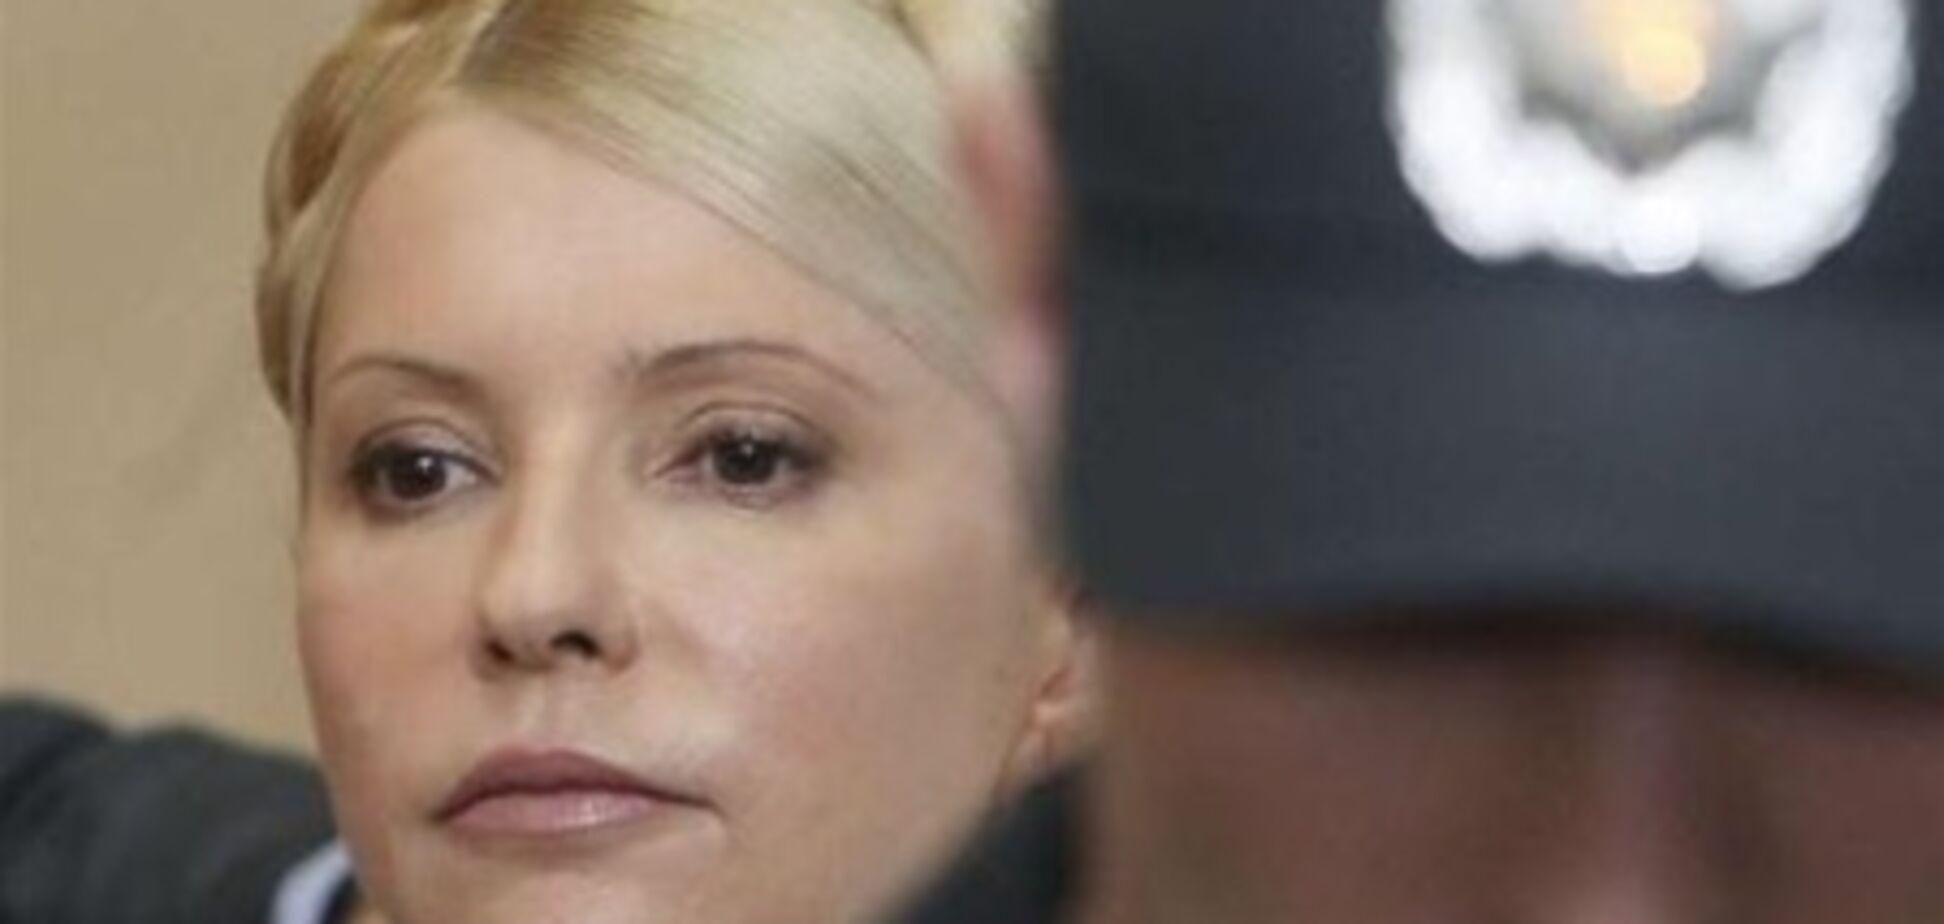 Тимошенко больше не хочет видеть 'дезинформаторов' из Минздрава